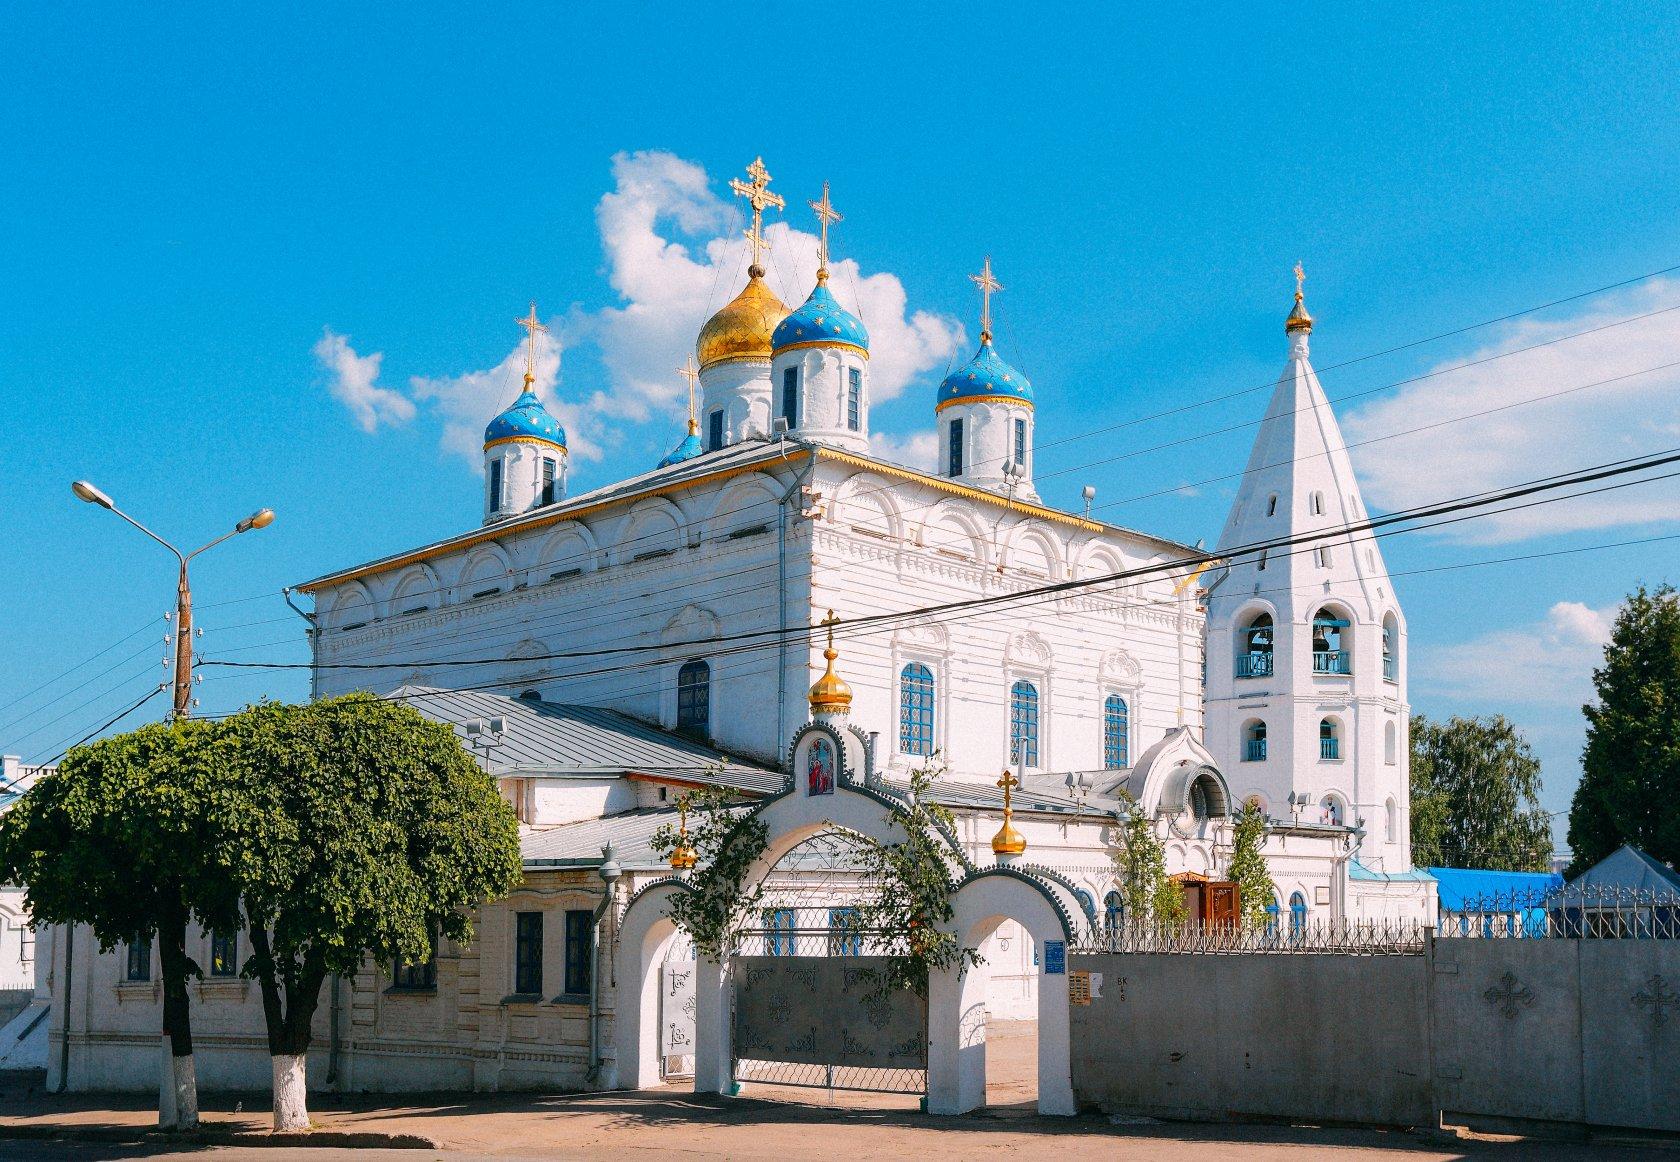 Иконостас введенского собора в сольвычегодске